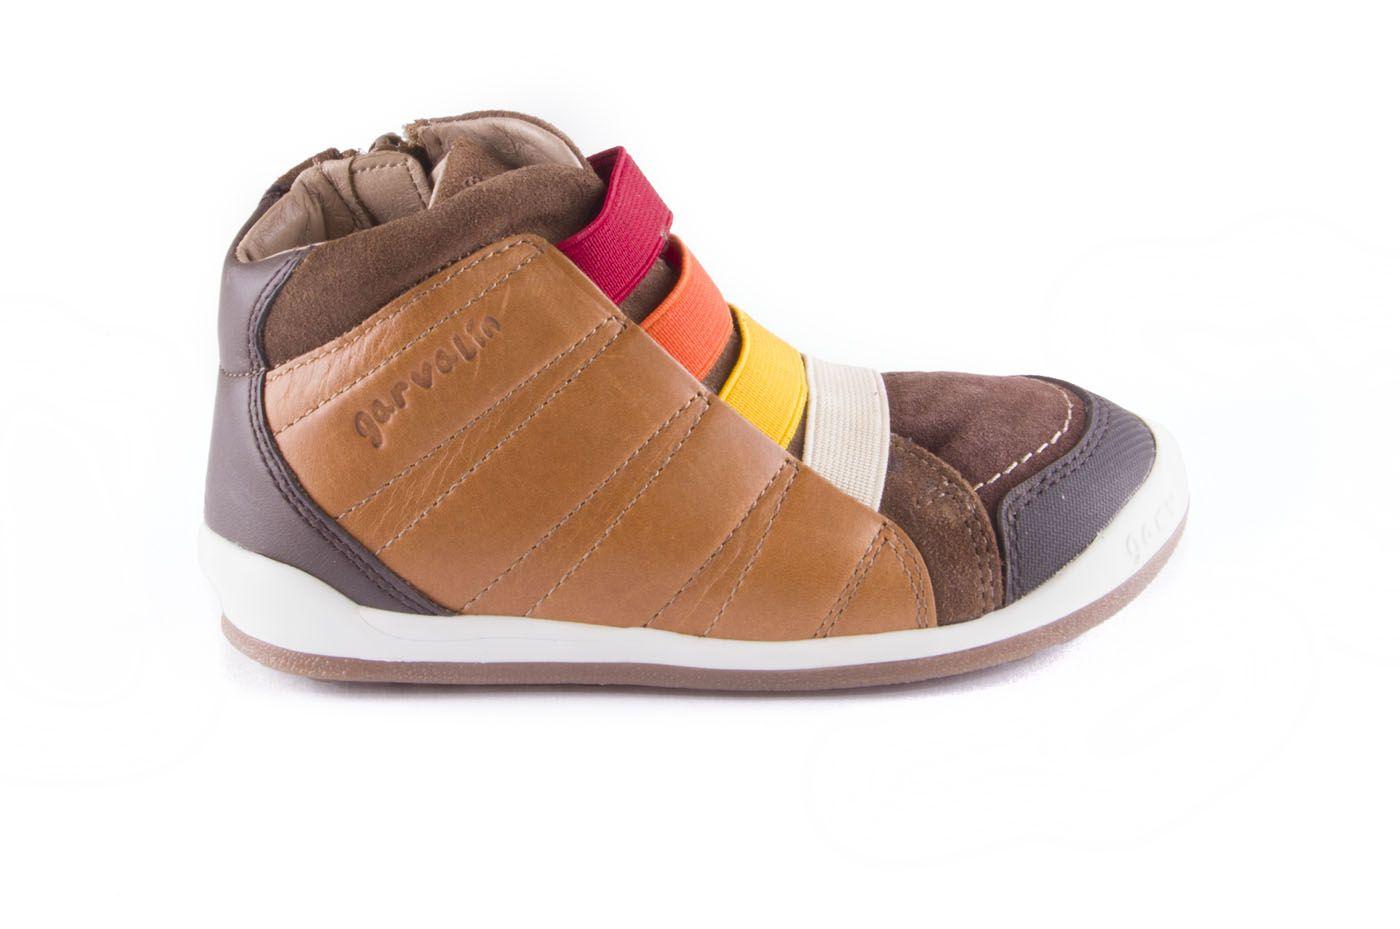 Comprar zapato tipo JOVEN NIÑO estilo BOTAS COLOR CAMEL PIEL  8b4f0a2537a91